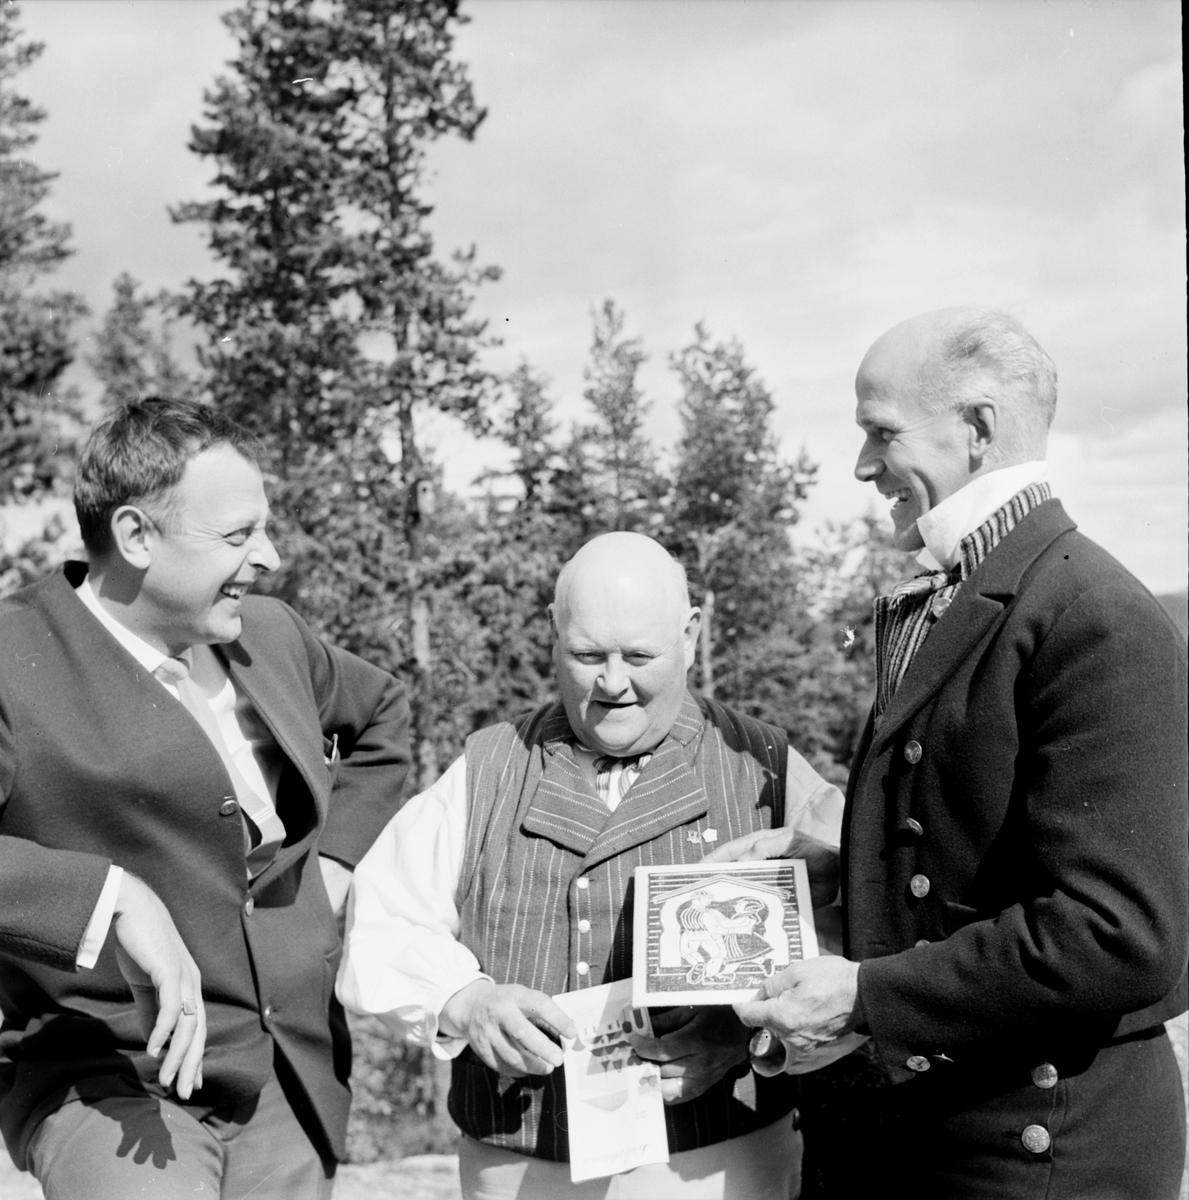 Landskapsleken, Inform i Järvsö, Öberg,Tjock-Anders,Lars Hansson, 4 Juli 1965